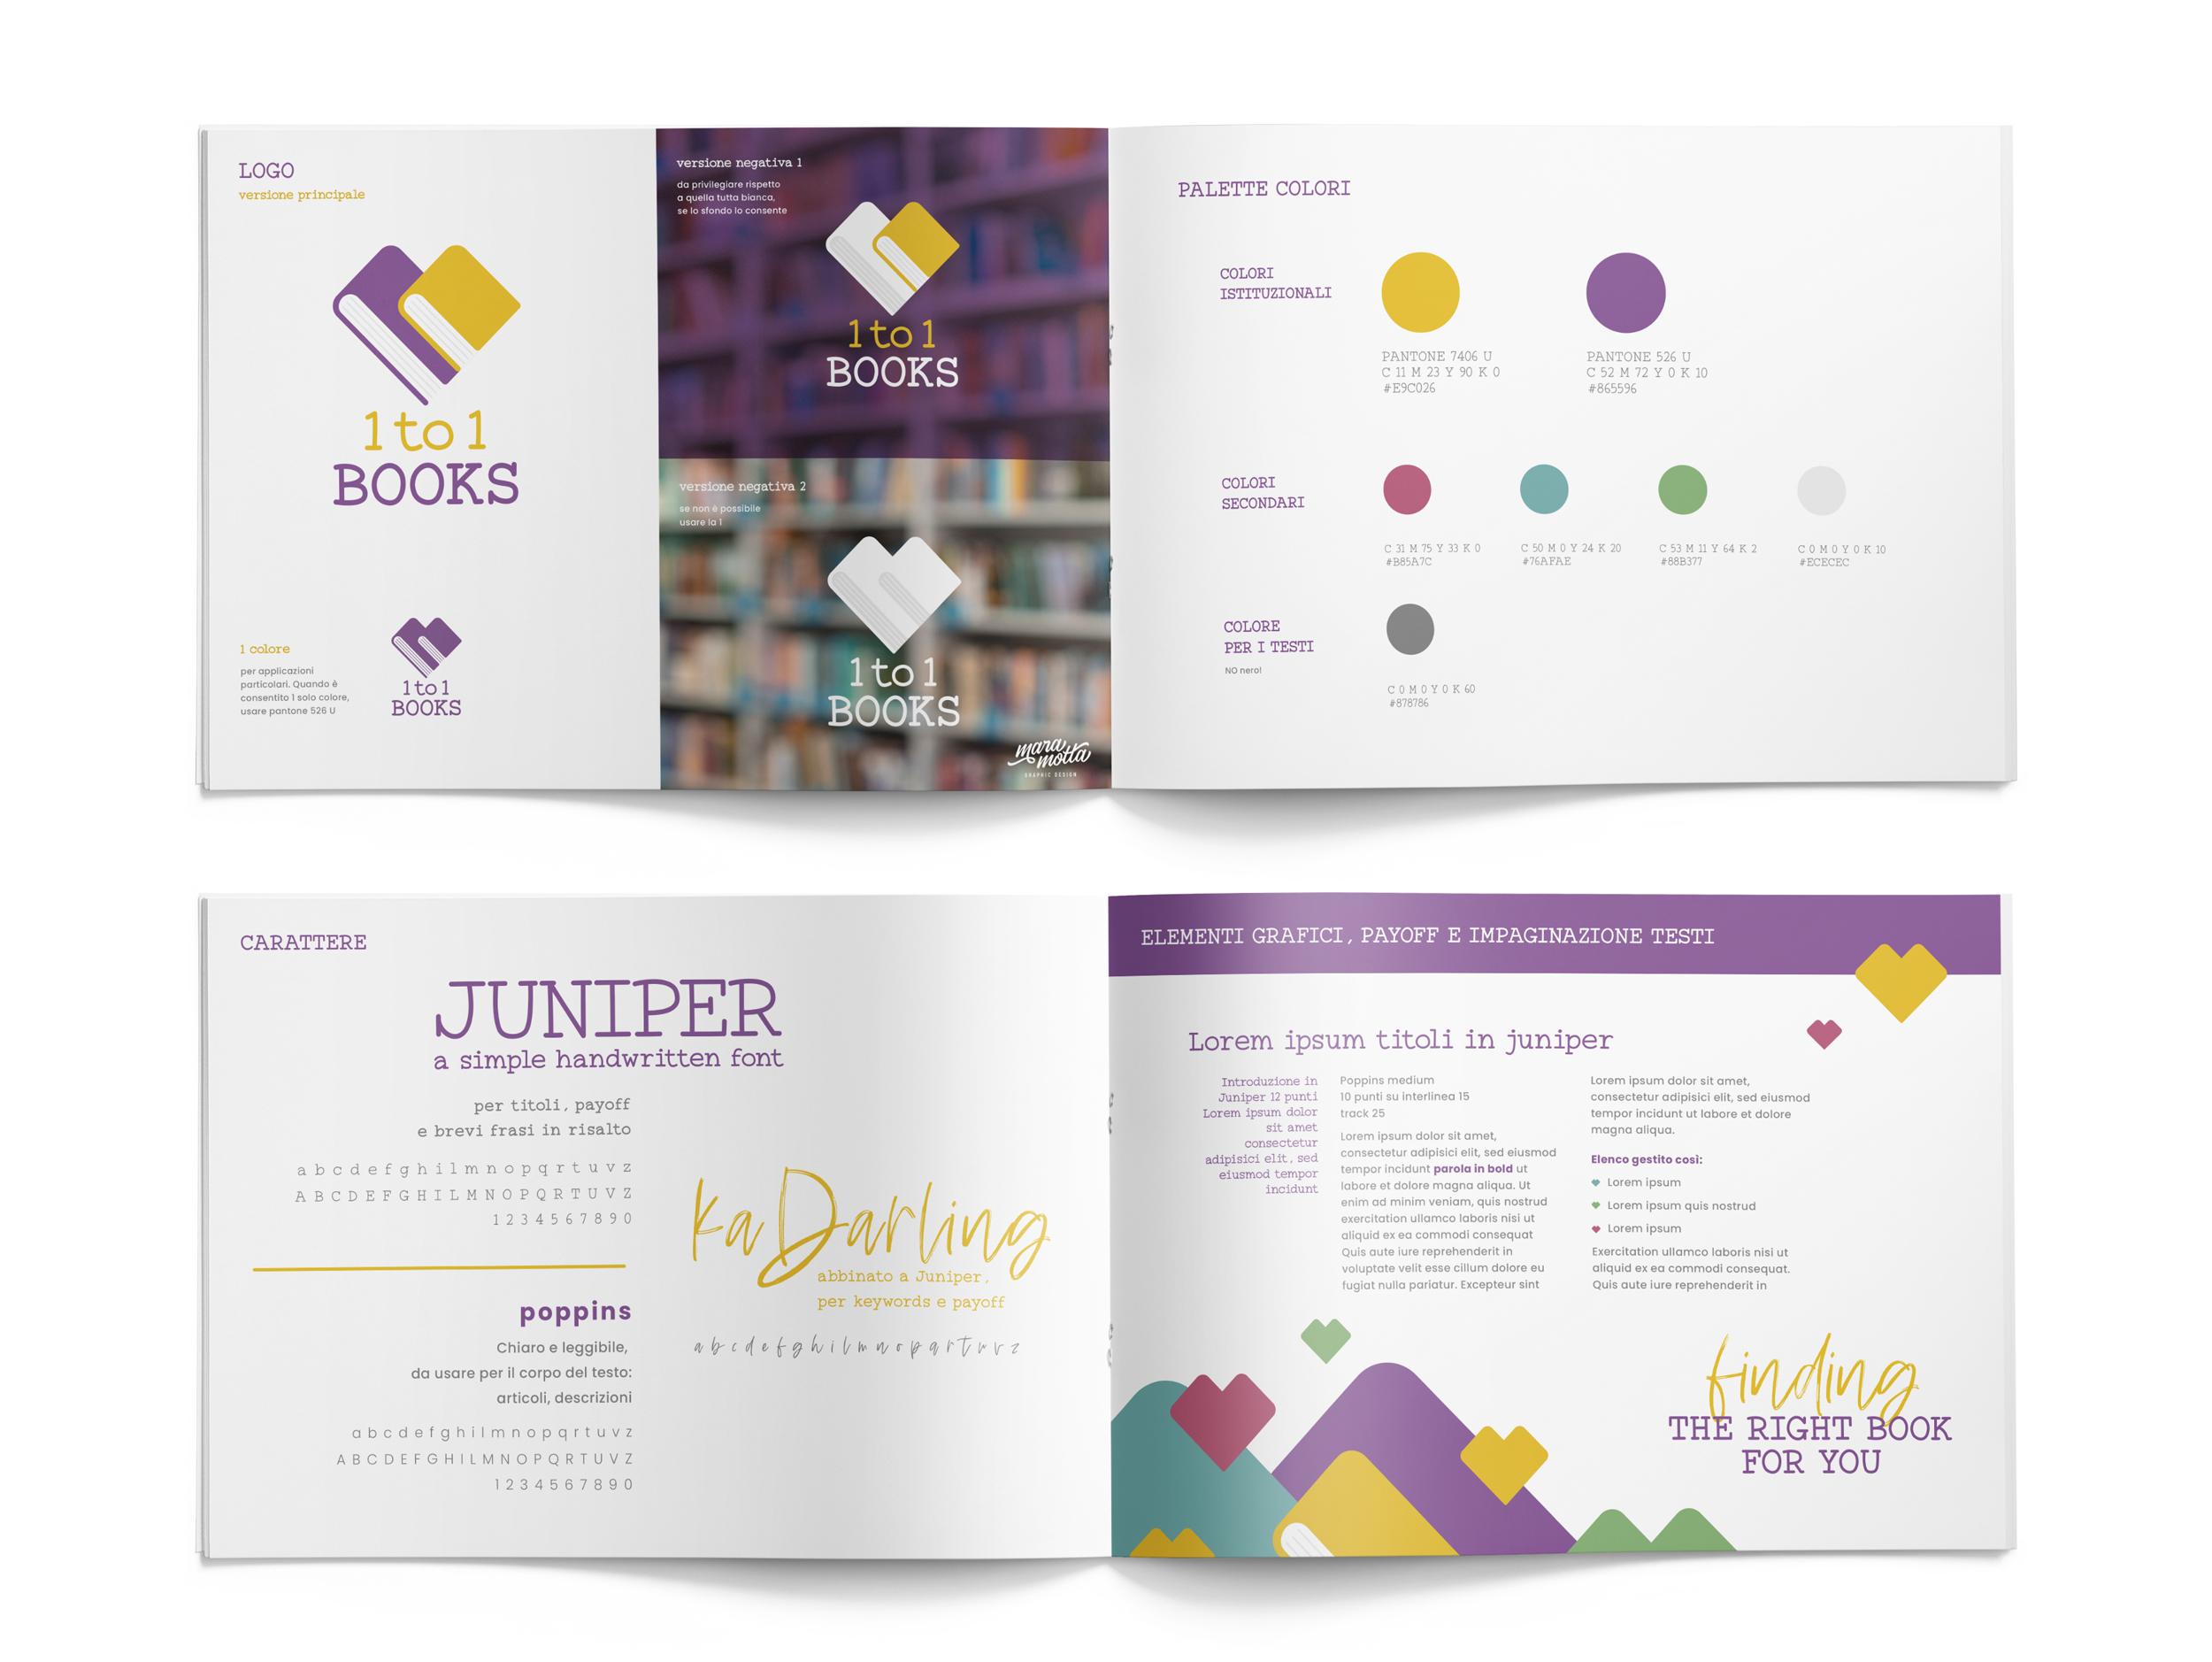 brand manual 1to1books aperto visto dall'alto